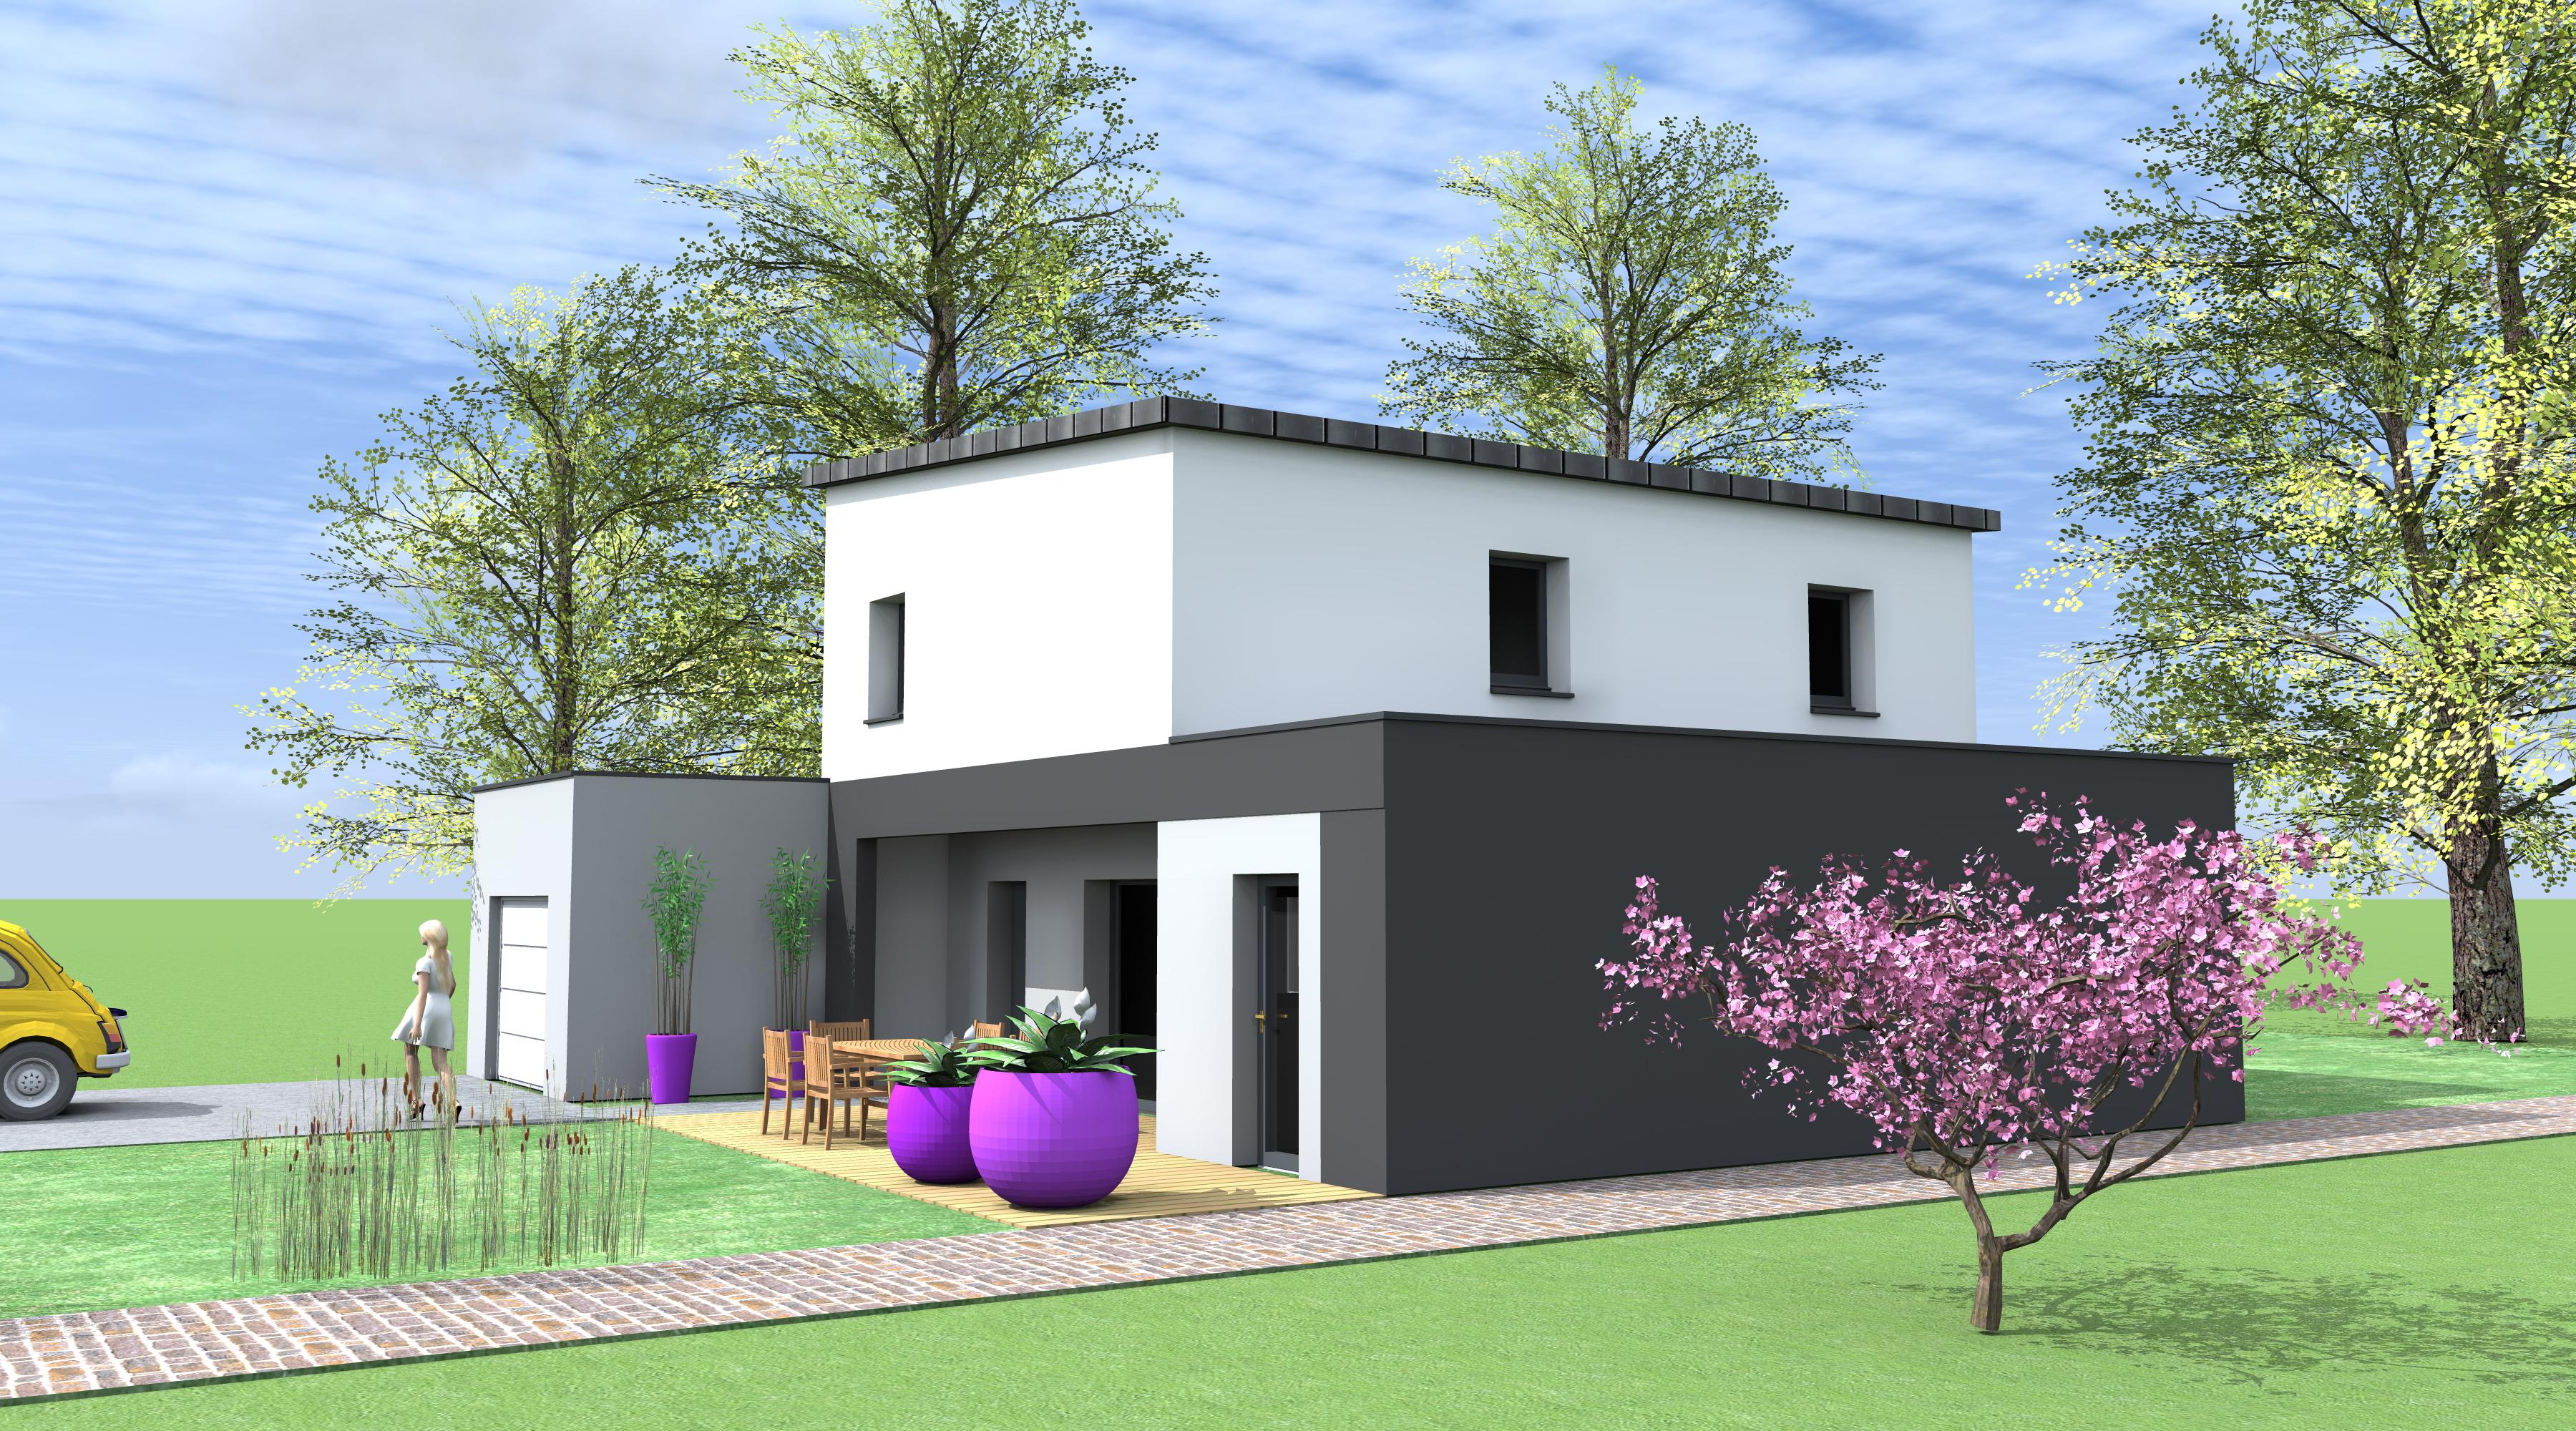 Projet h h 1 2 vue architecte lise roturier rennes for Projet maison contemporaine